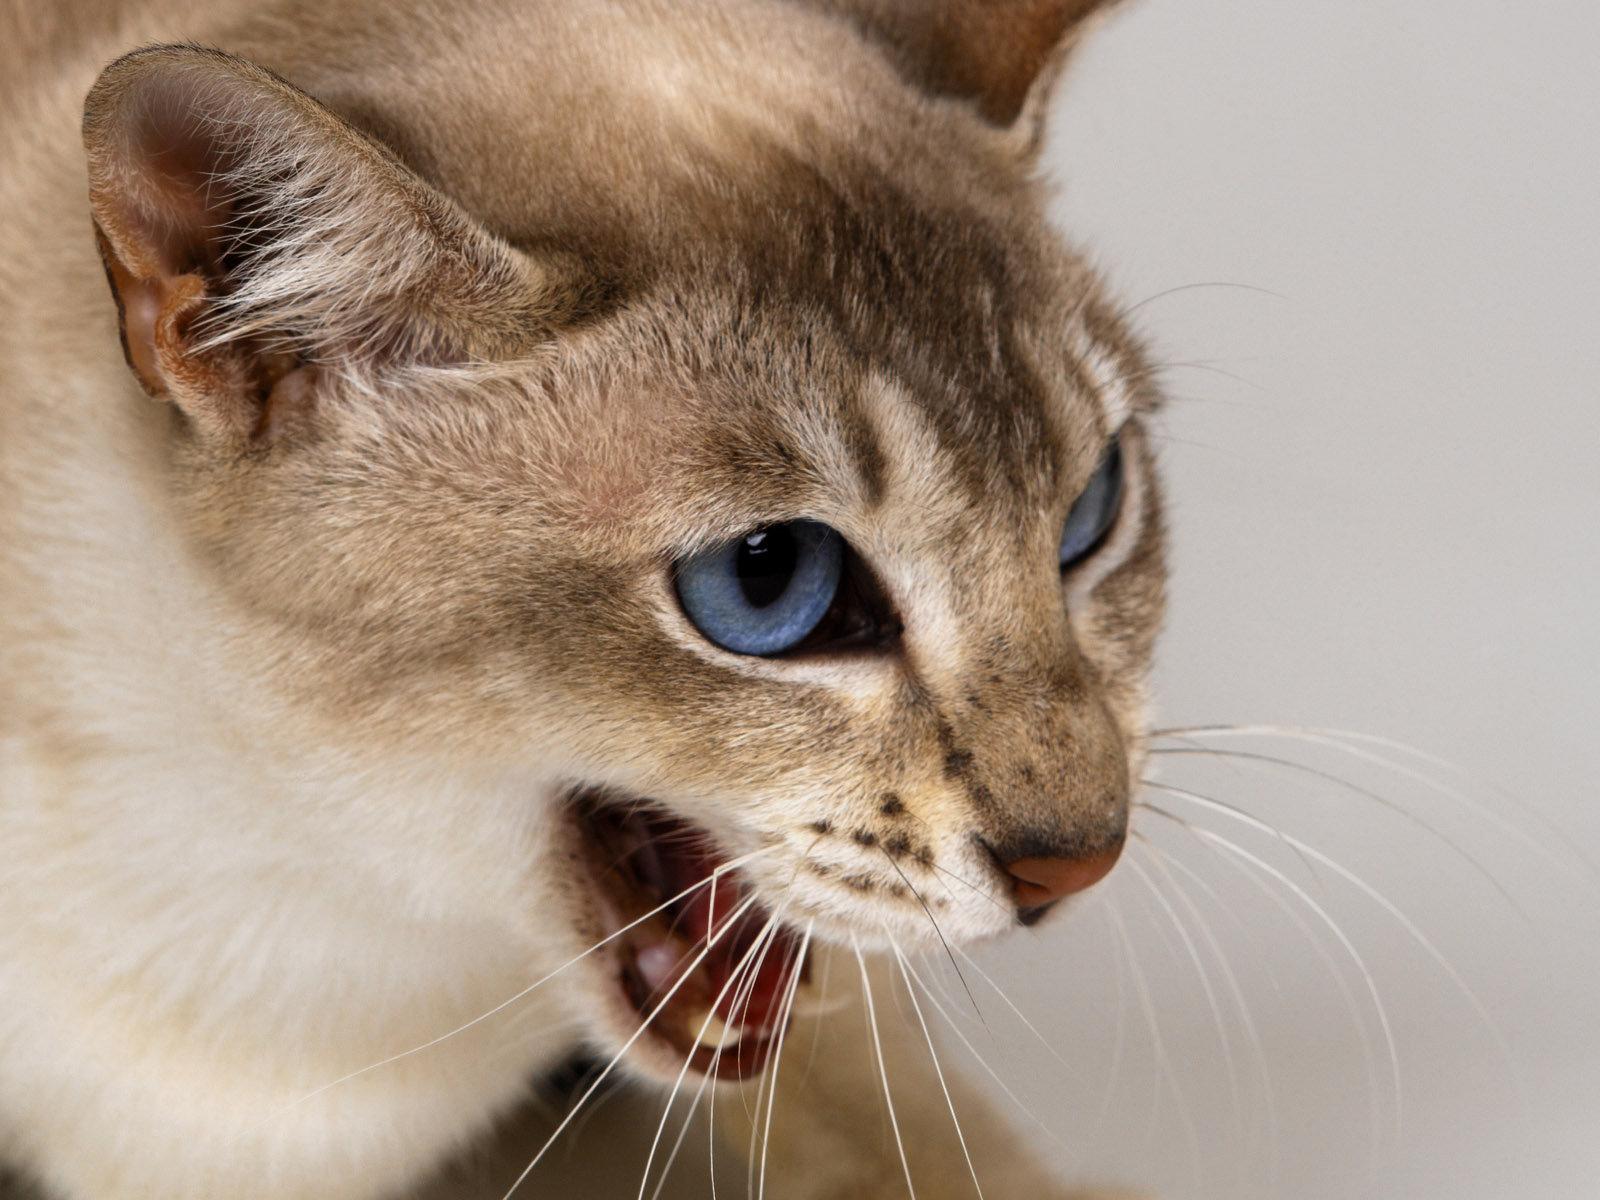 Бешенство у кошек: симптомы, признаки, профилактика